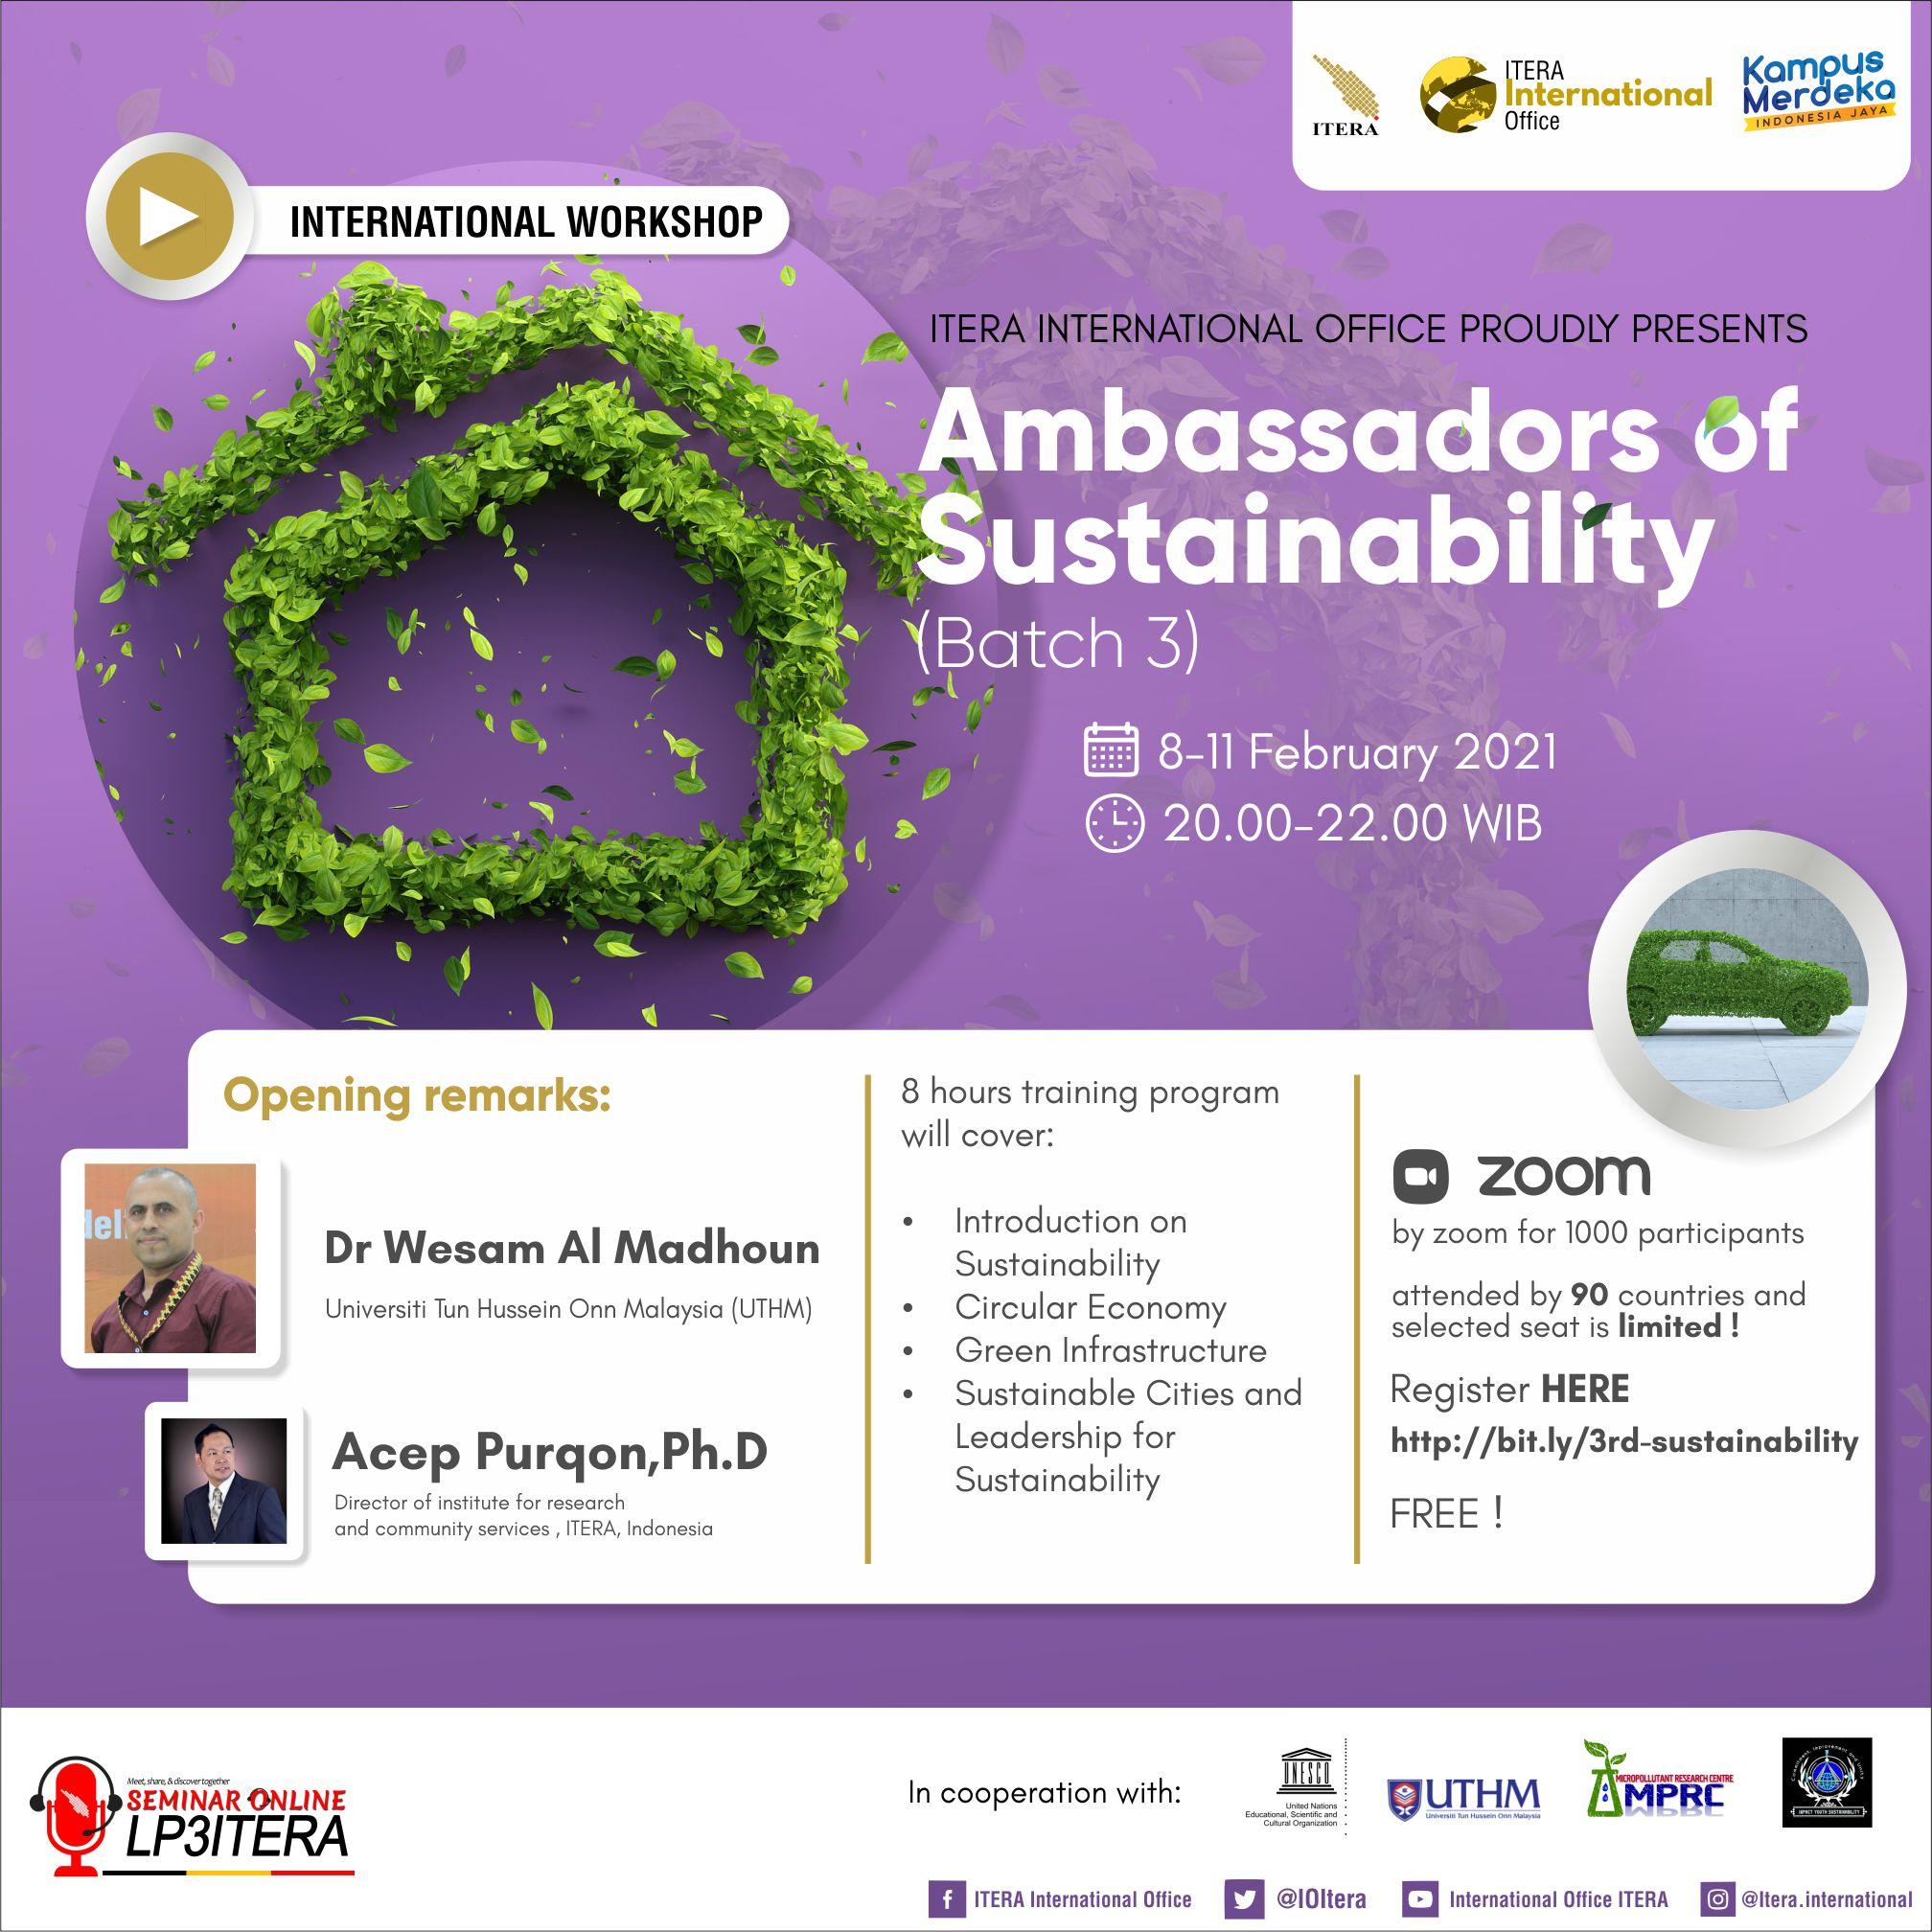 Ambassador of Sustainability Batch 3